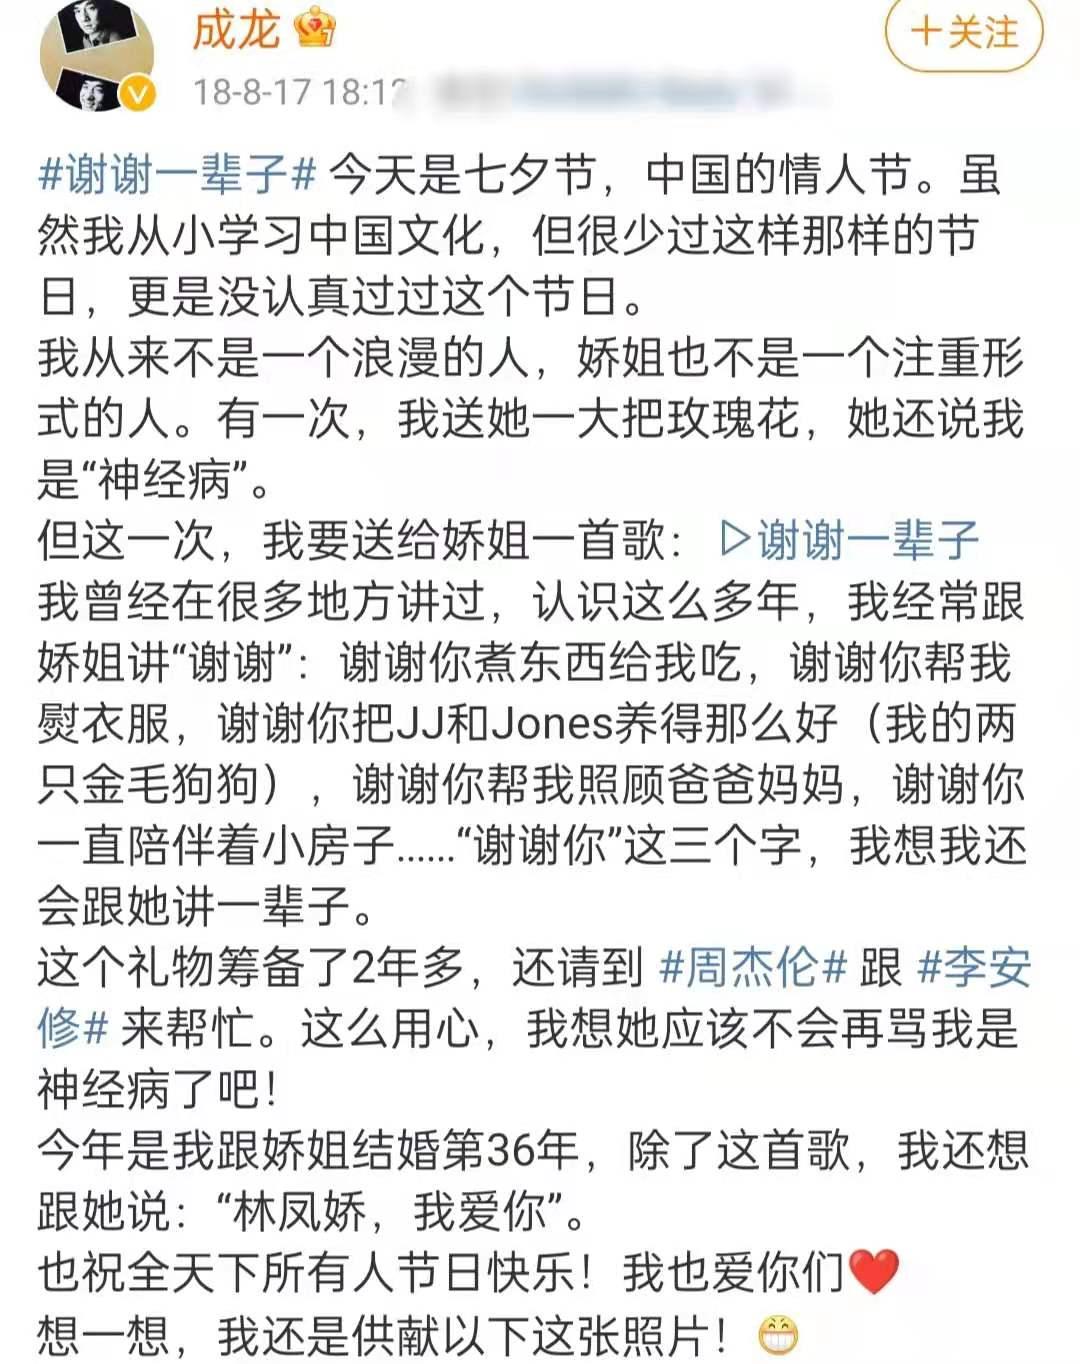 成龙被疑与林凤娇婚变!退出妻子名下两家公司,已一年多未同框